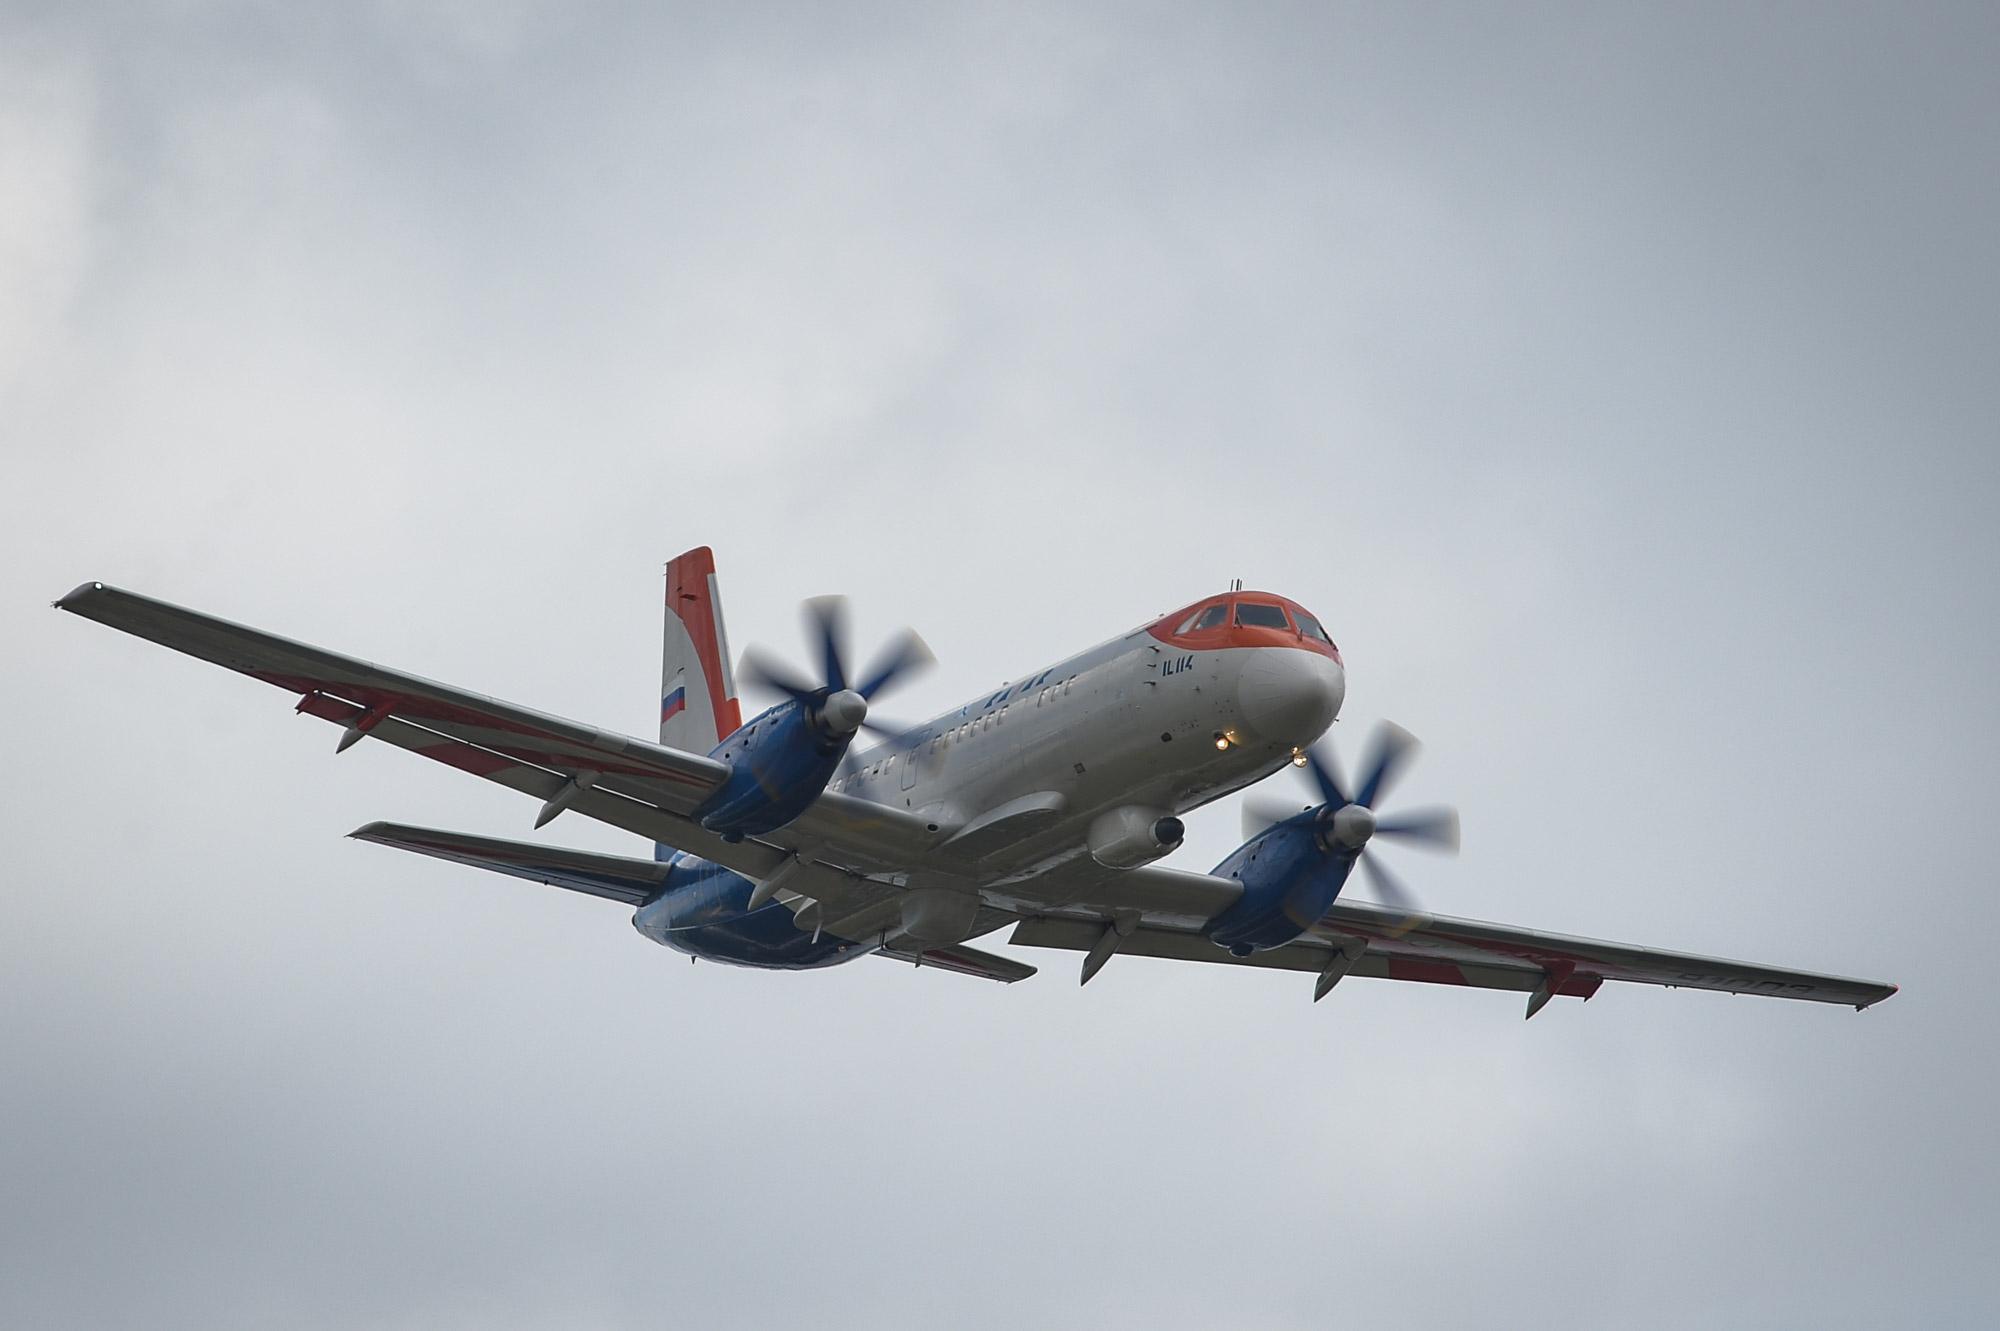 Парк региональных самолетов Красноярского края обновят шестью Ил-114-300